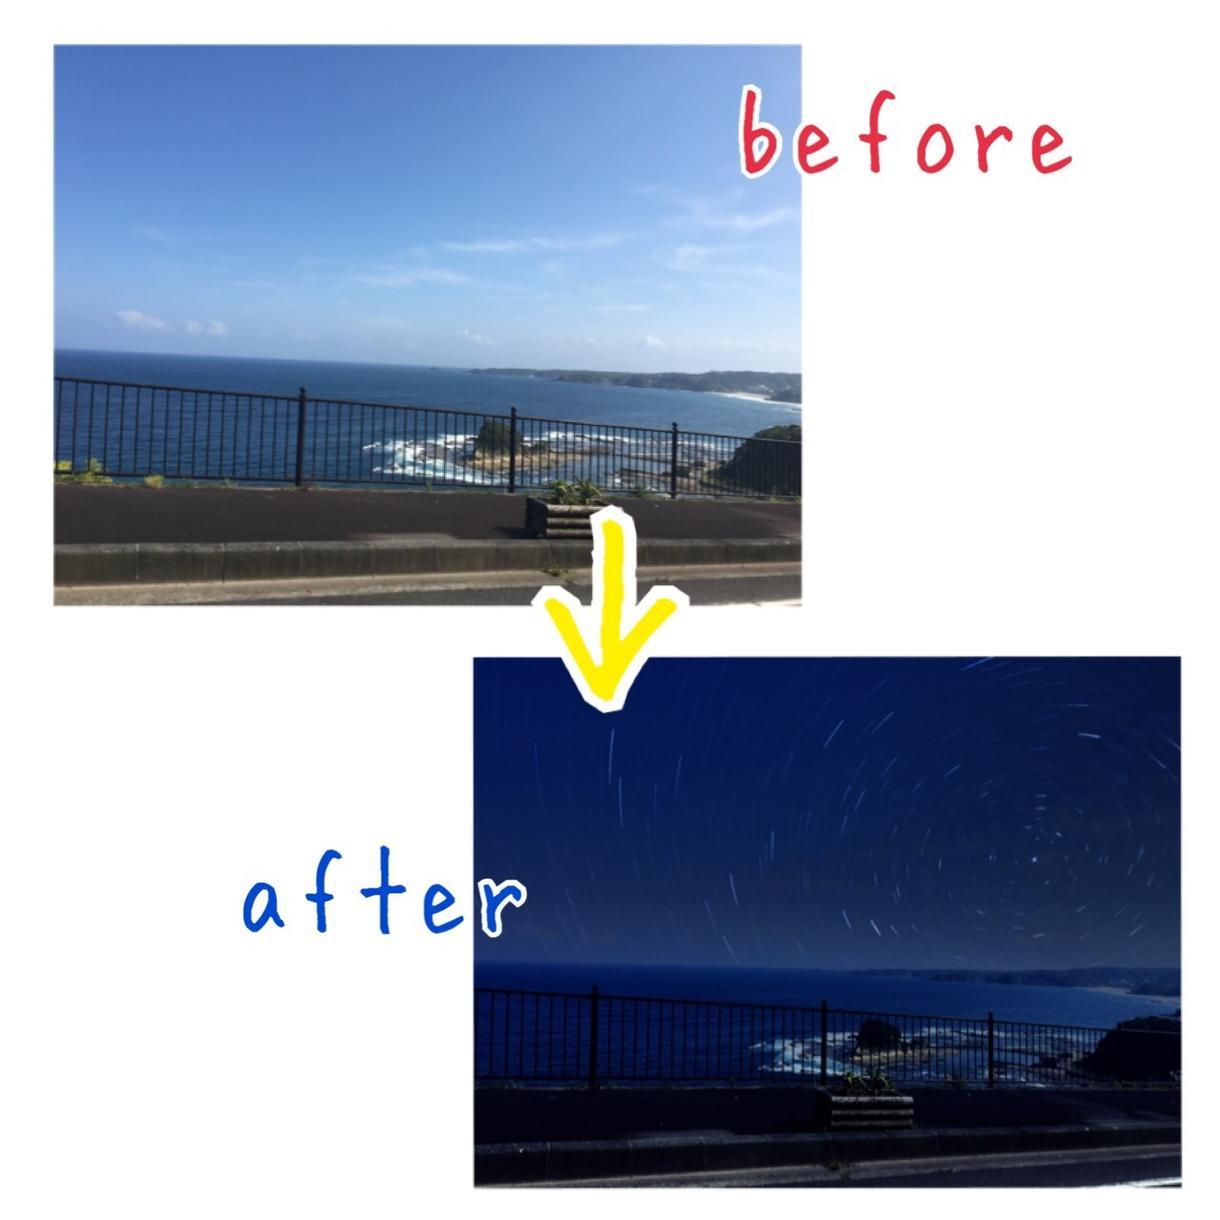 画像制作、画像合成、簡単なレタッチします フォトショ、SAI、クリスタ、ツールは沢山所持してます!